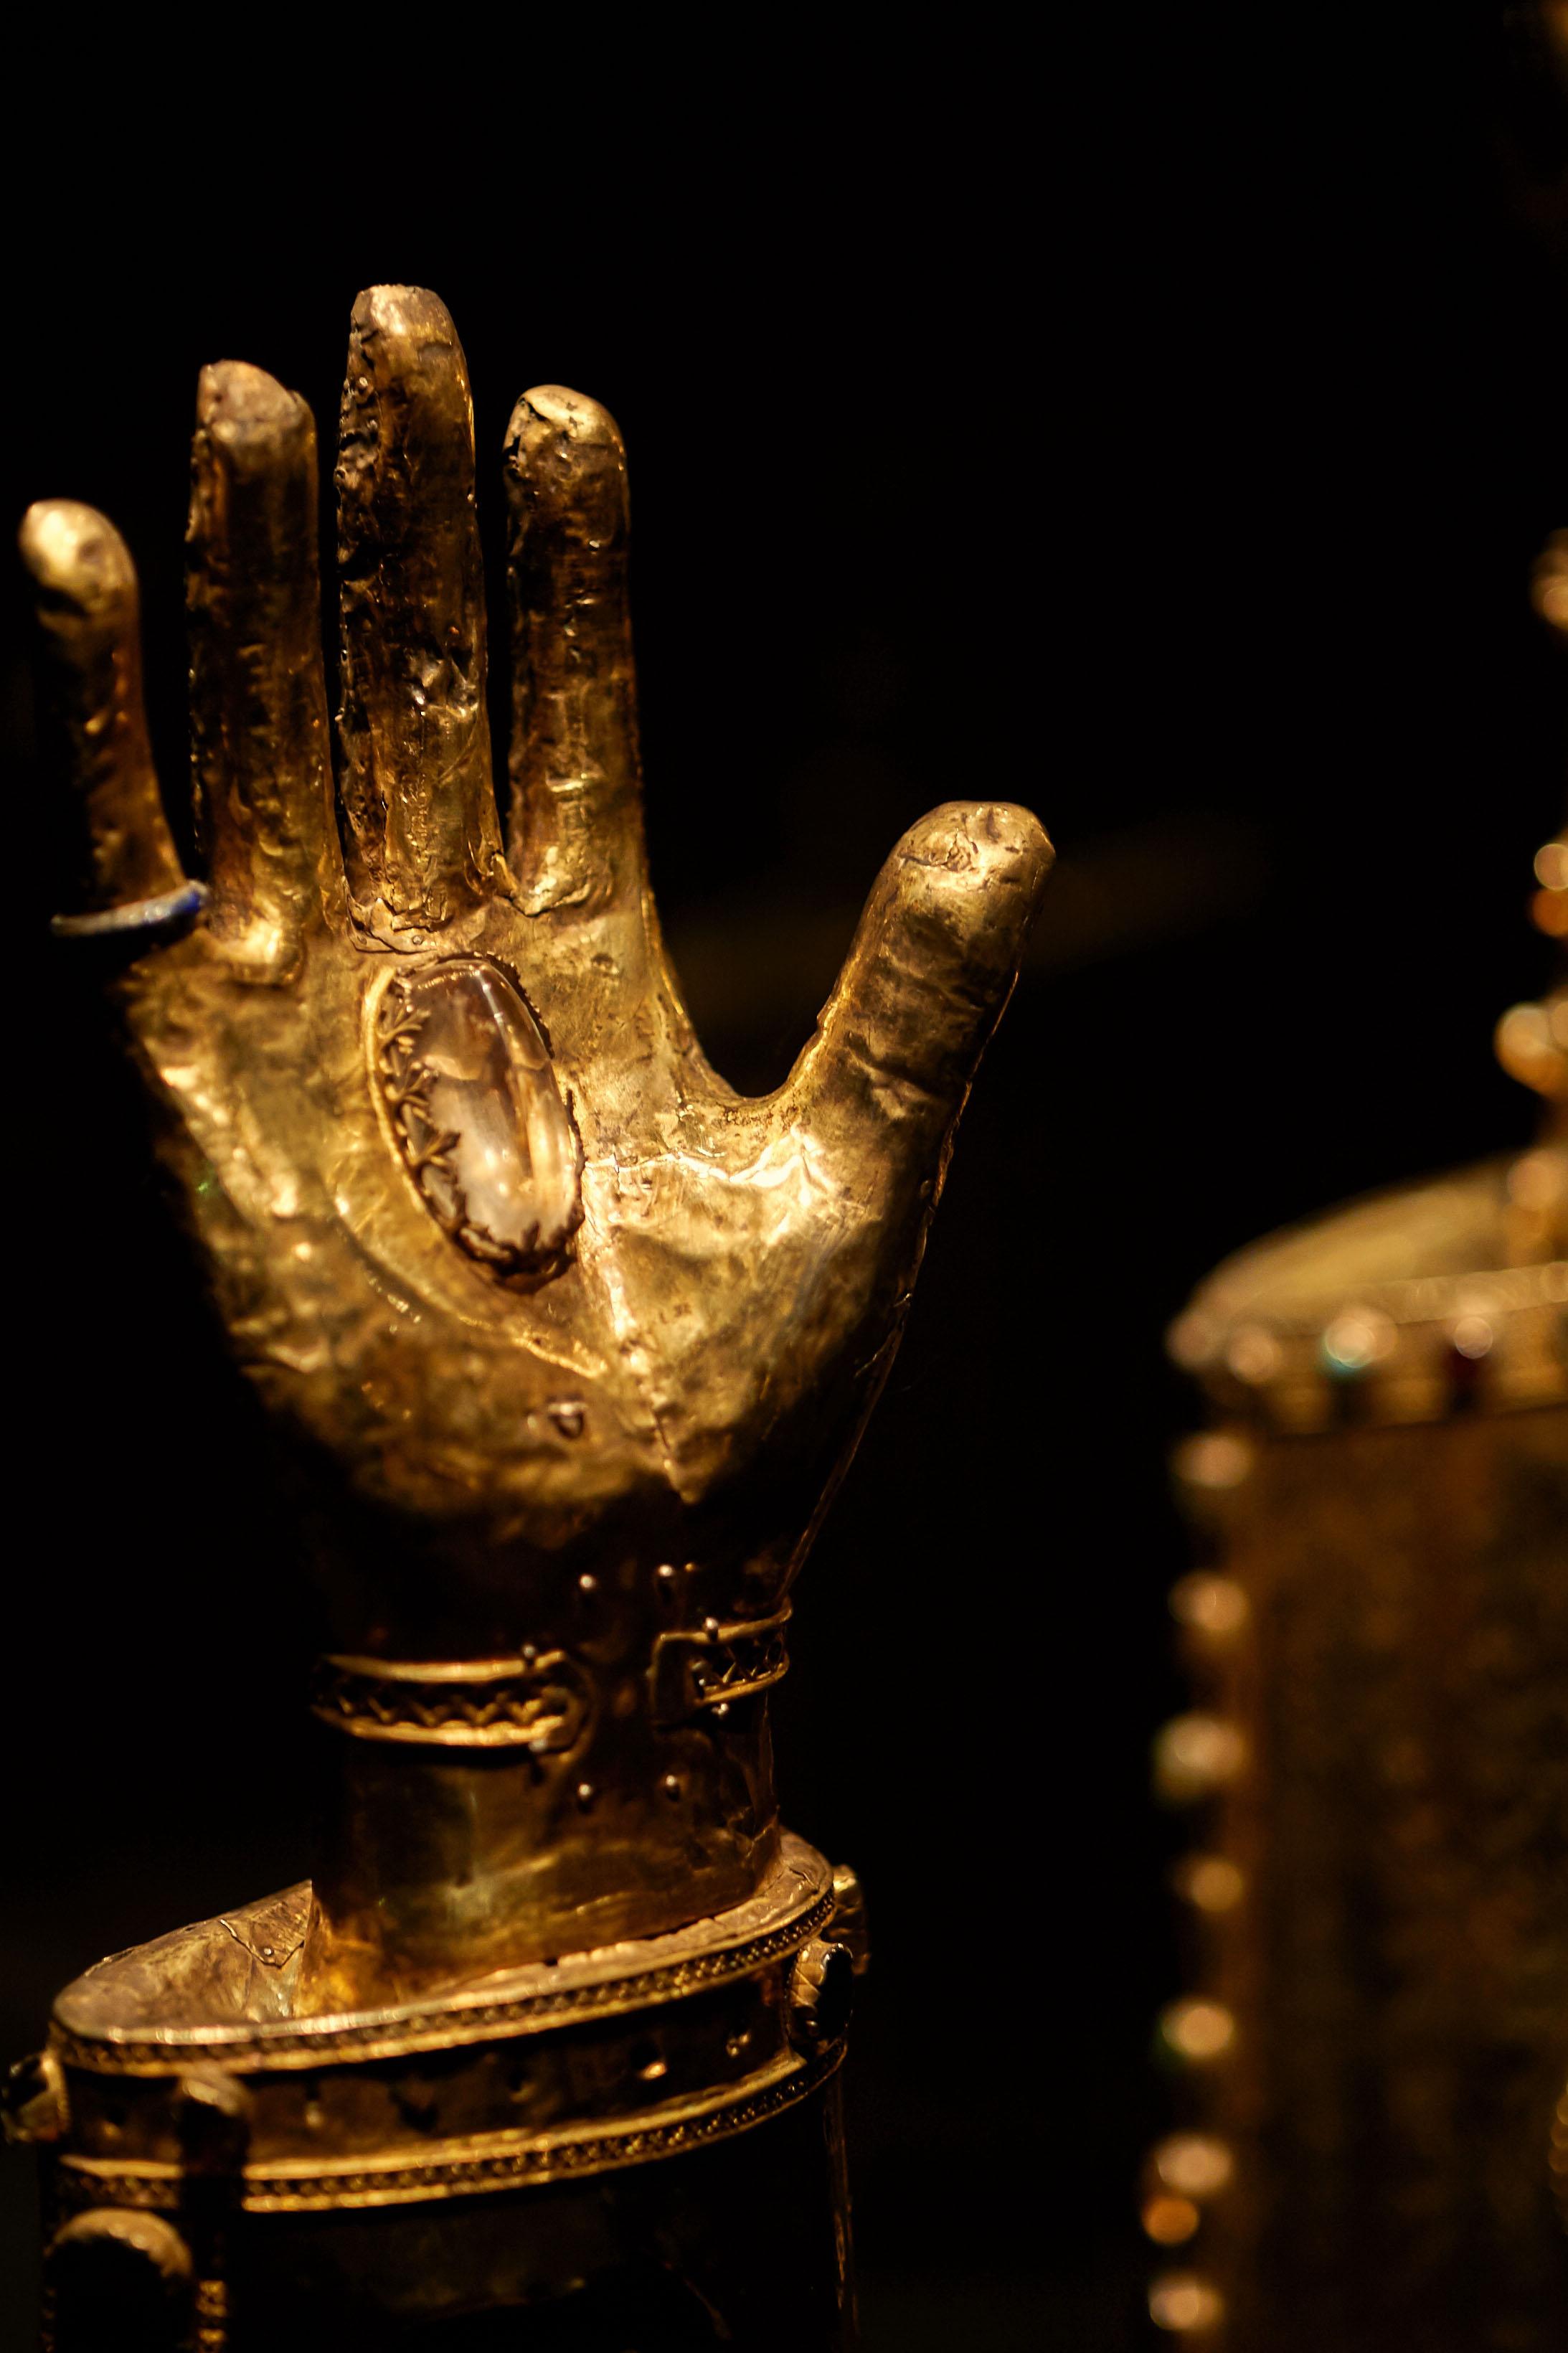 Kostbare goldene Reliquien sind im Halberstädter Domschatz zu bewundern.